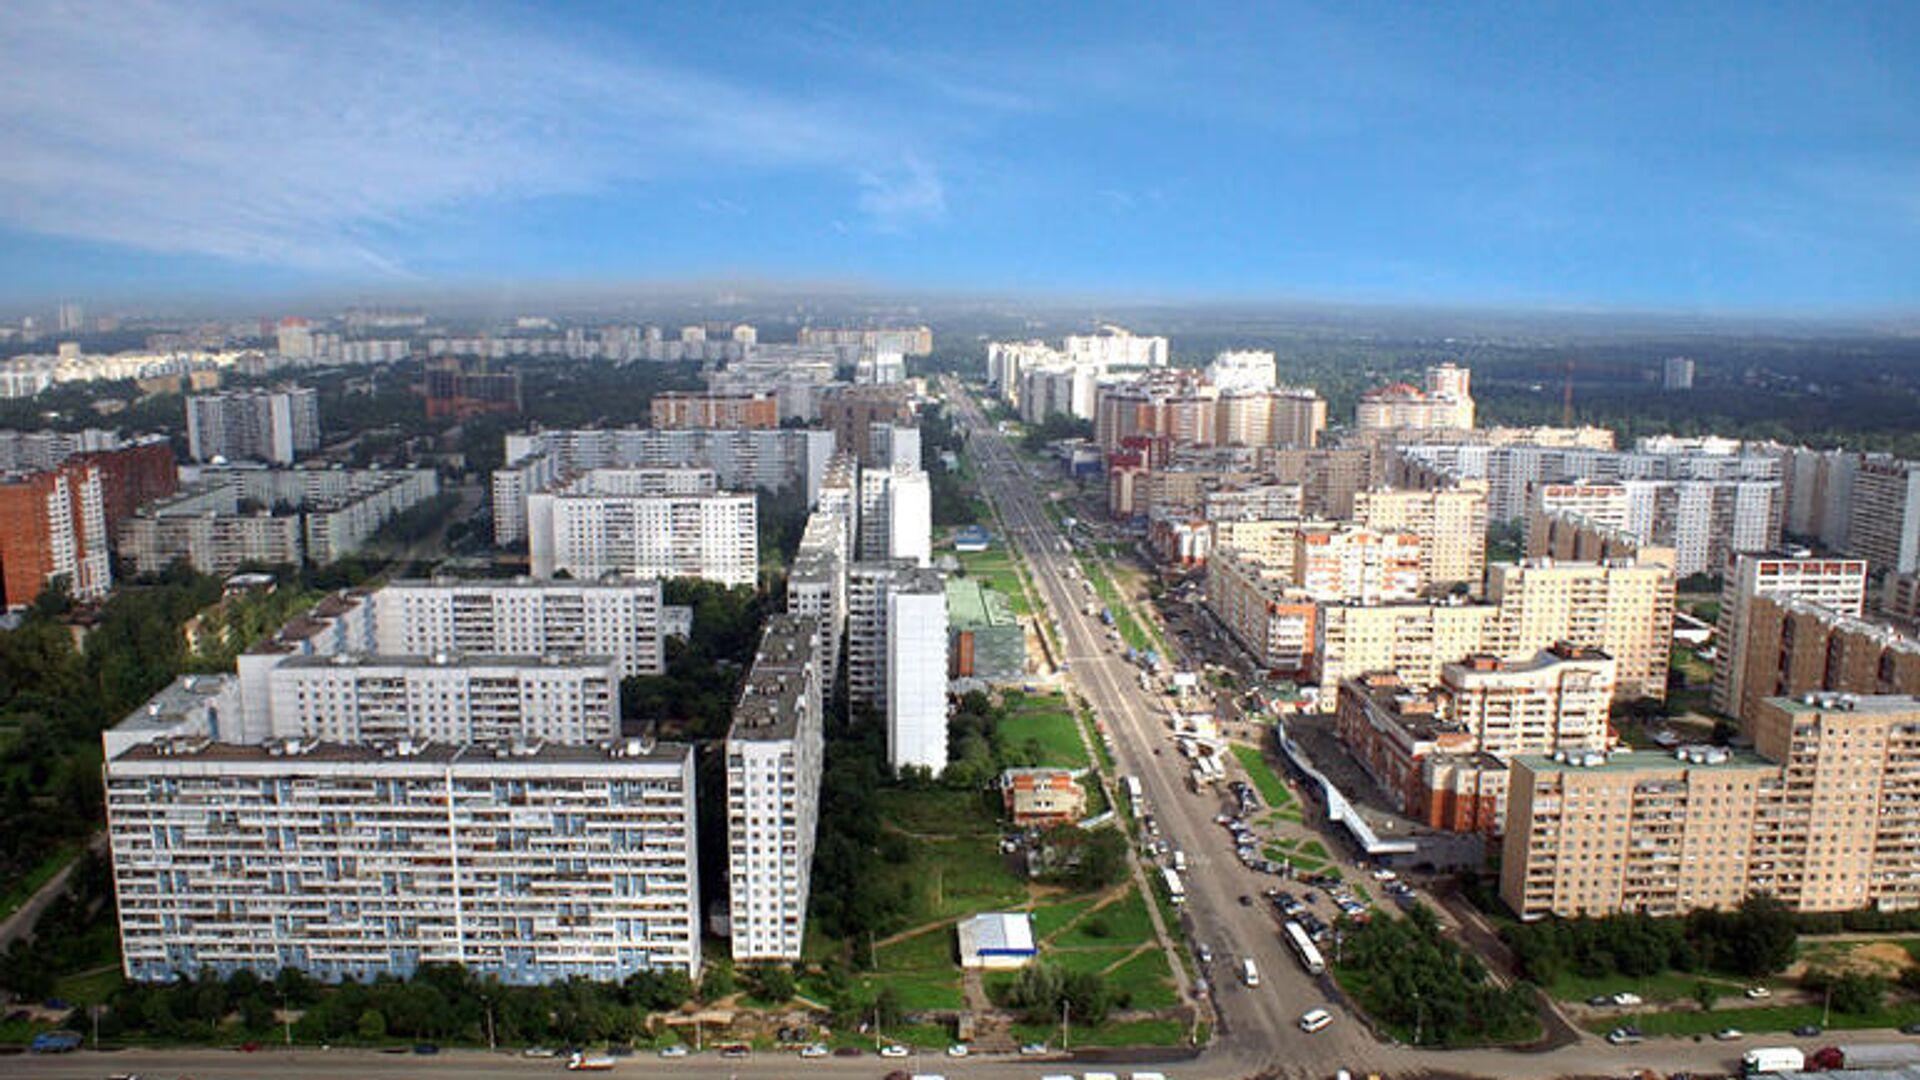 Город Королев, Московская область - РИА Новости, 1920, 11.10.2021